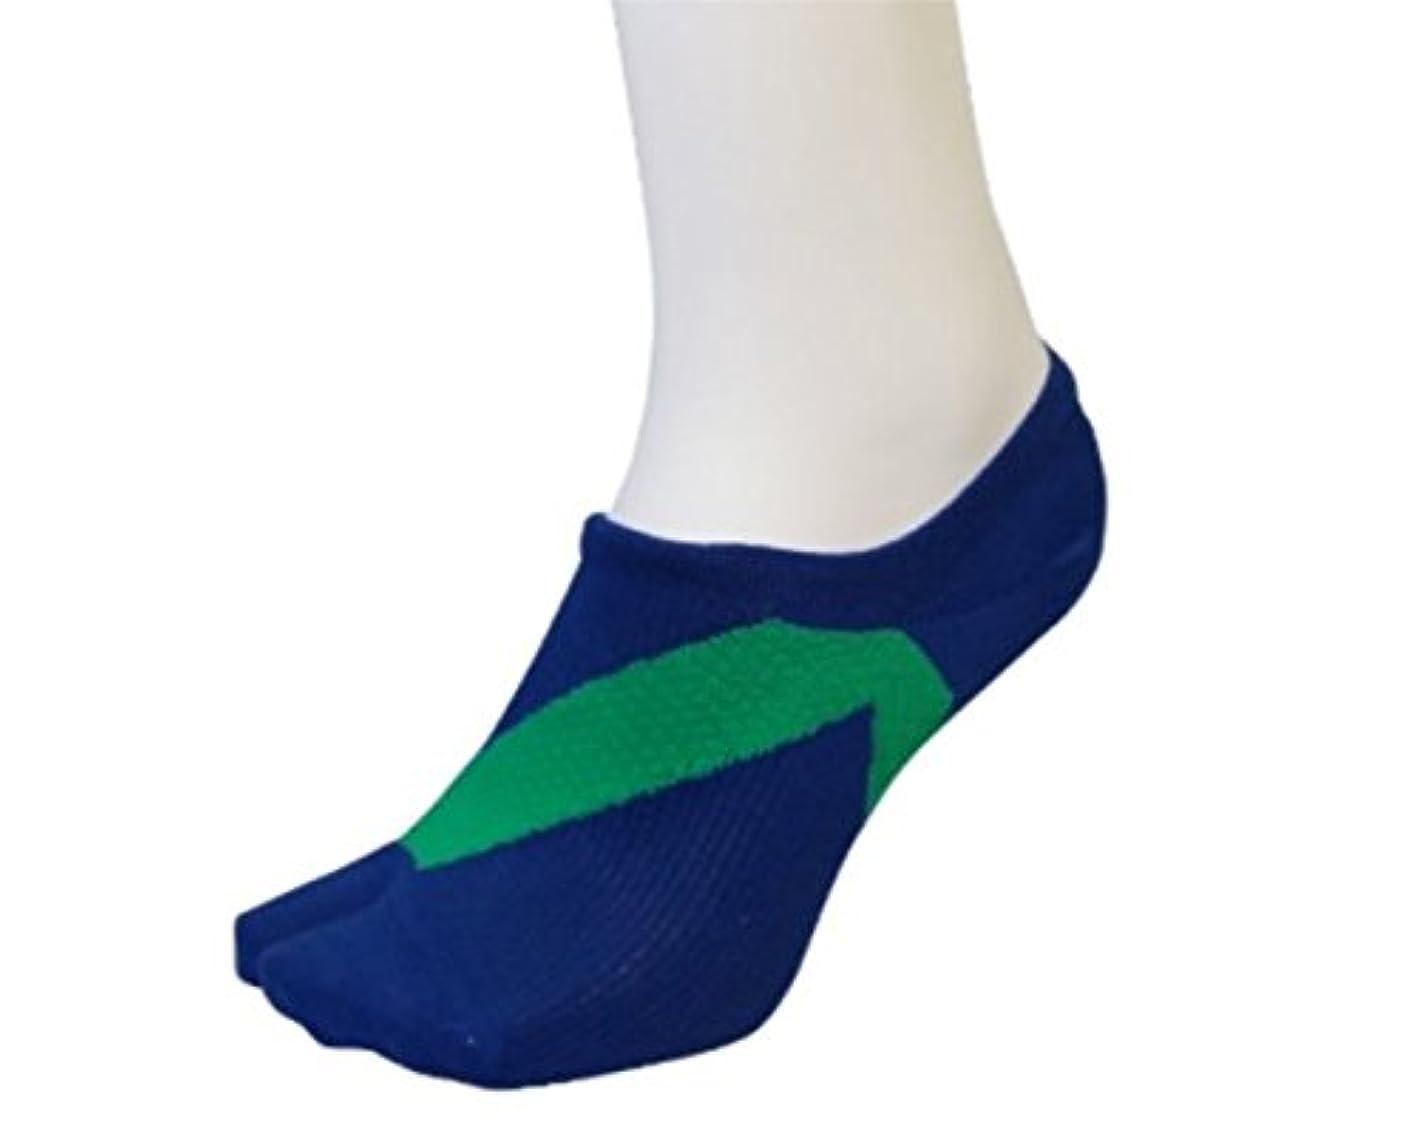 アジテーション明らかに邪悪なさとう式 フレクサーソックス スニーカータイプ 青緑 (M) 足袋型